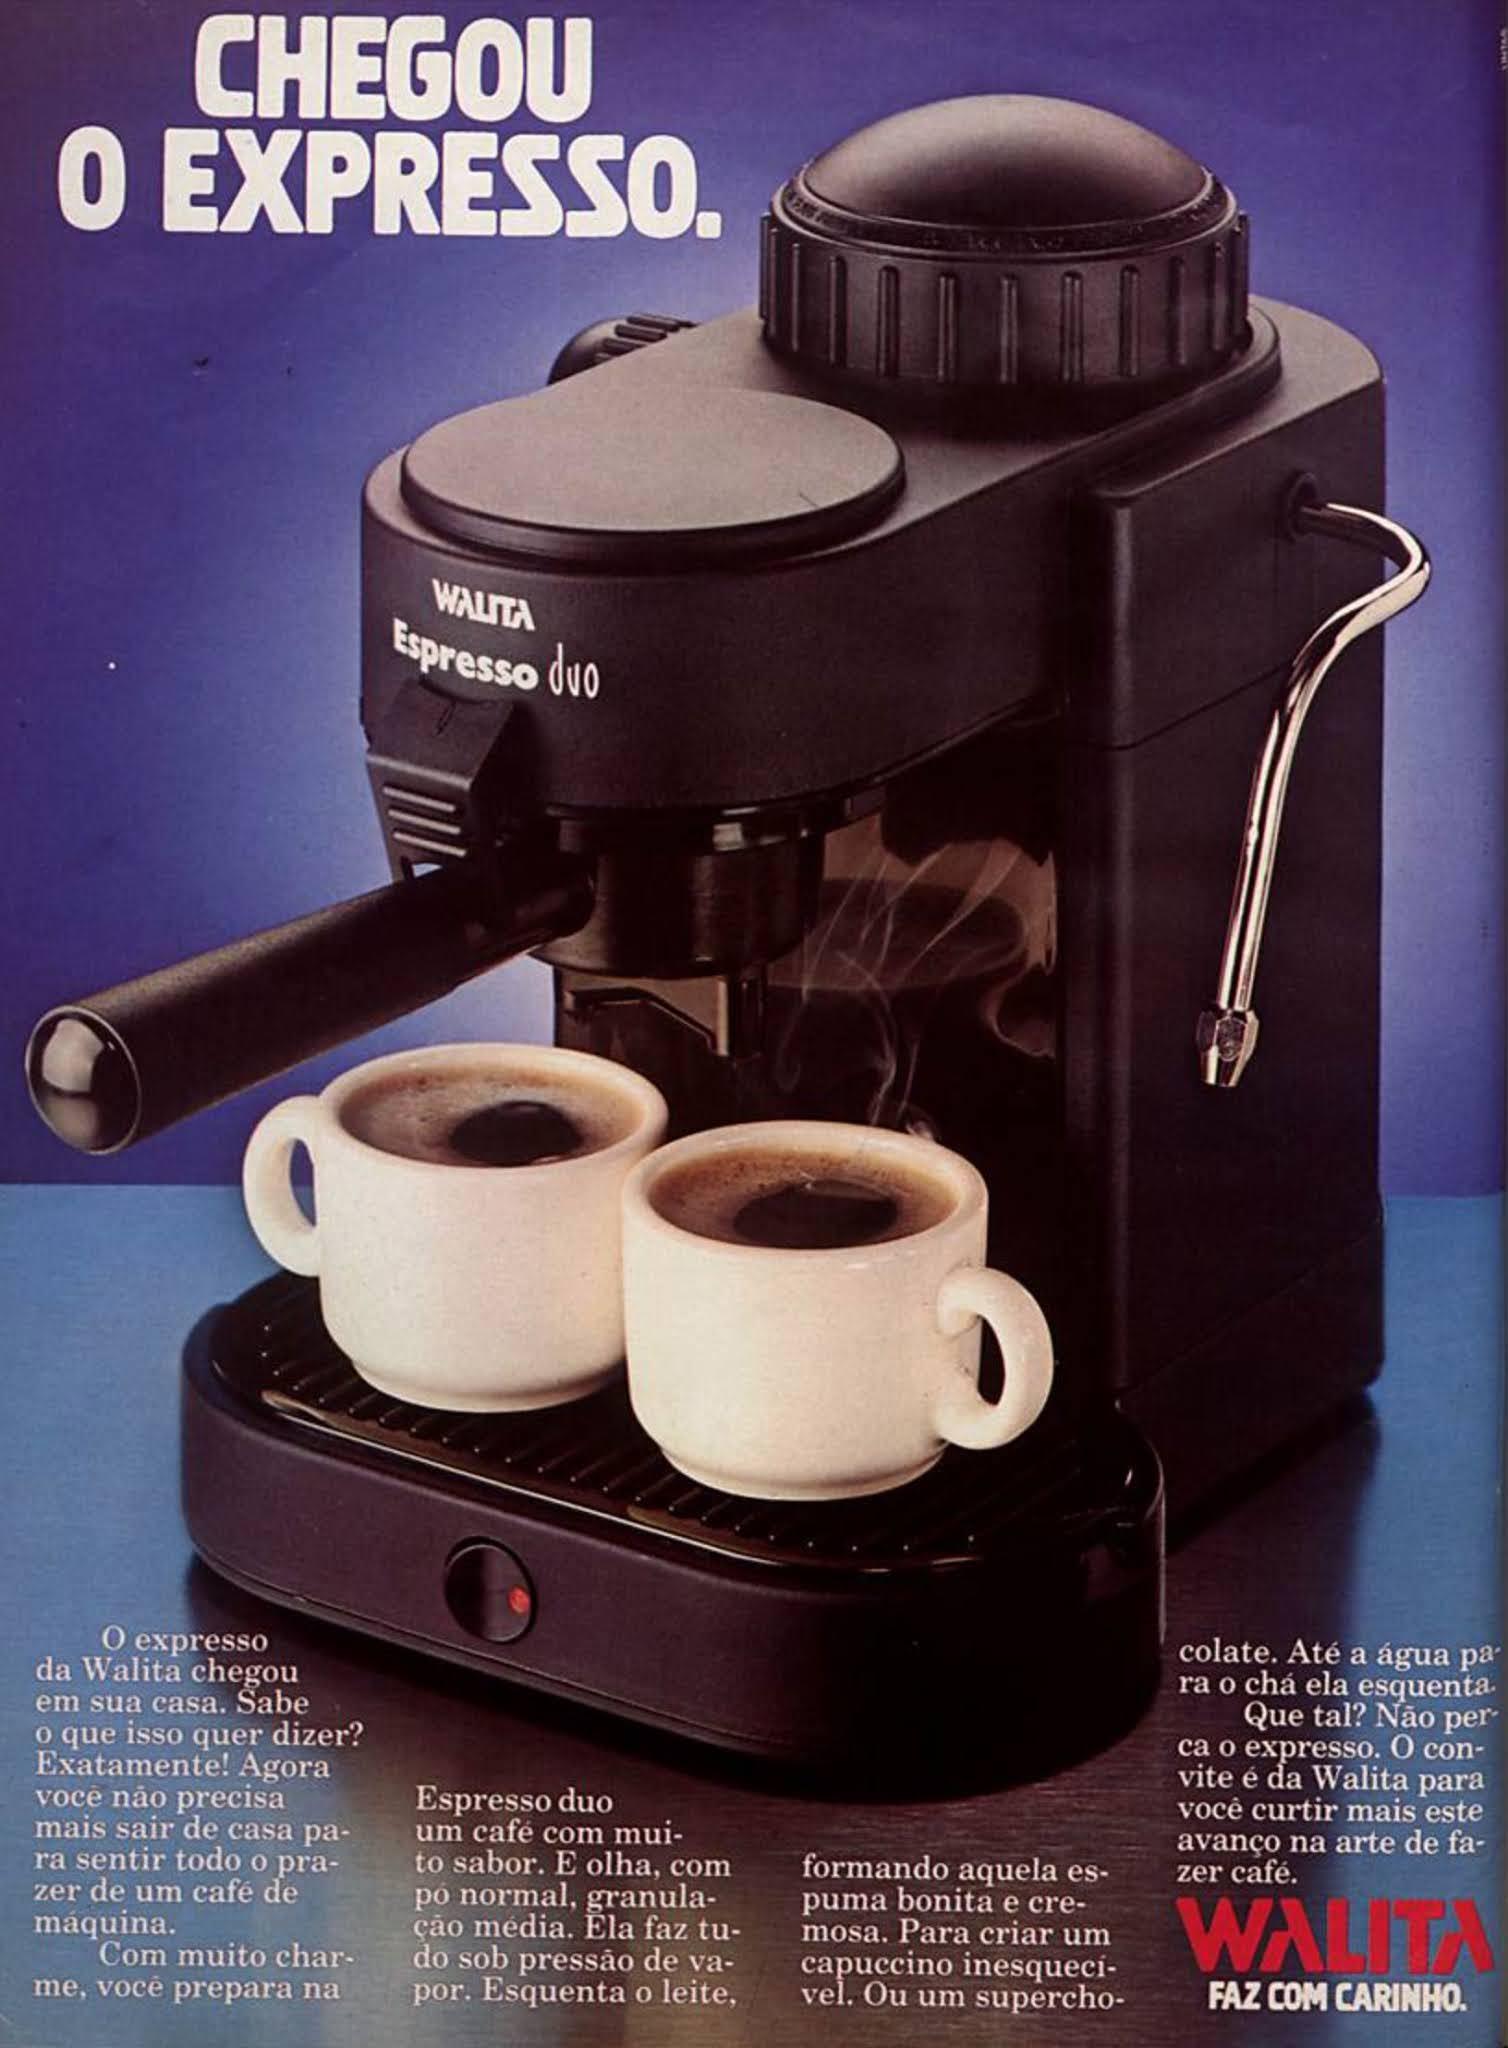 Anúncio da Walita veiculado em 1987 apresentando sua cafeteira expressa com duas saídas